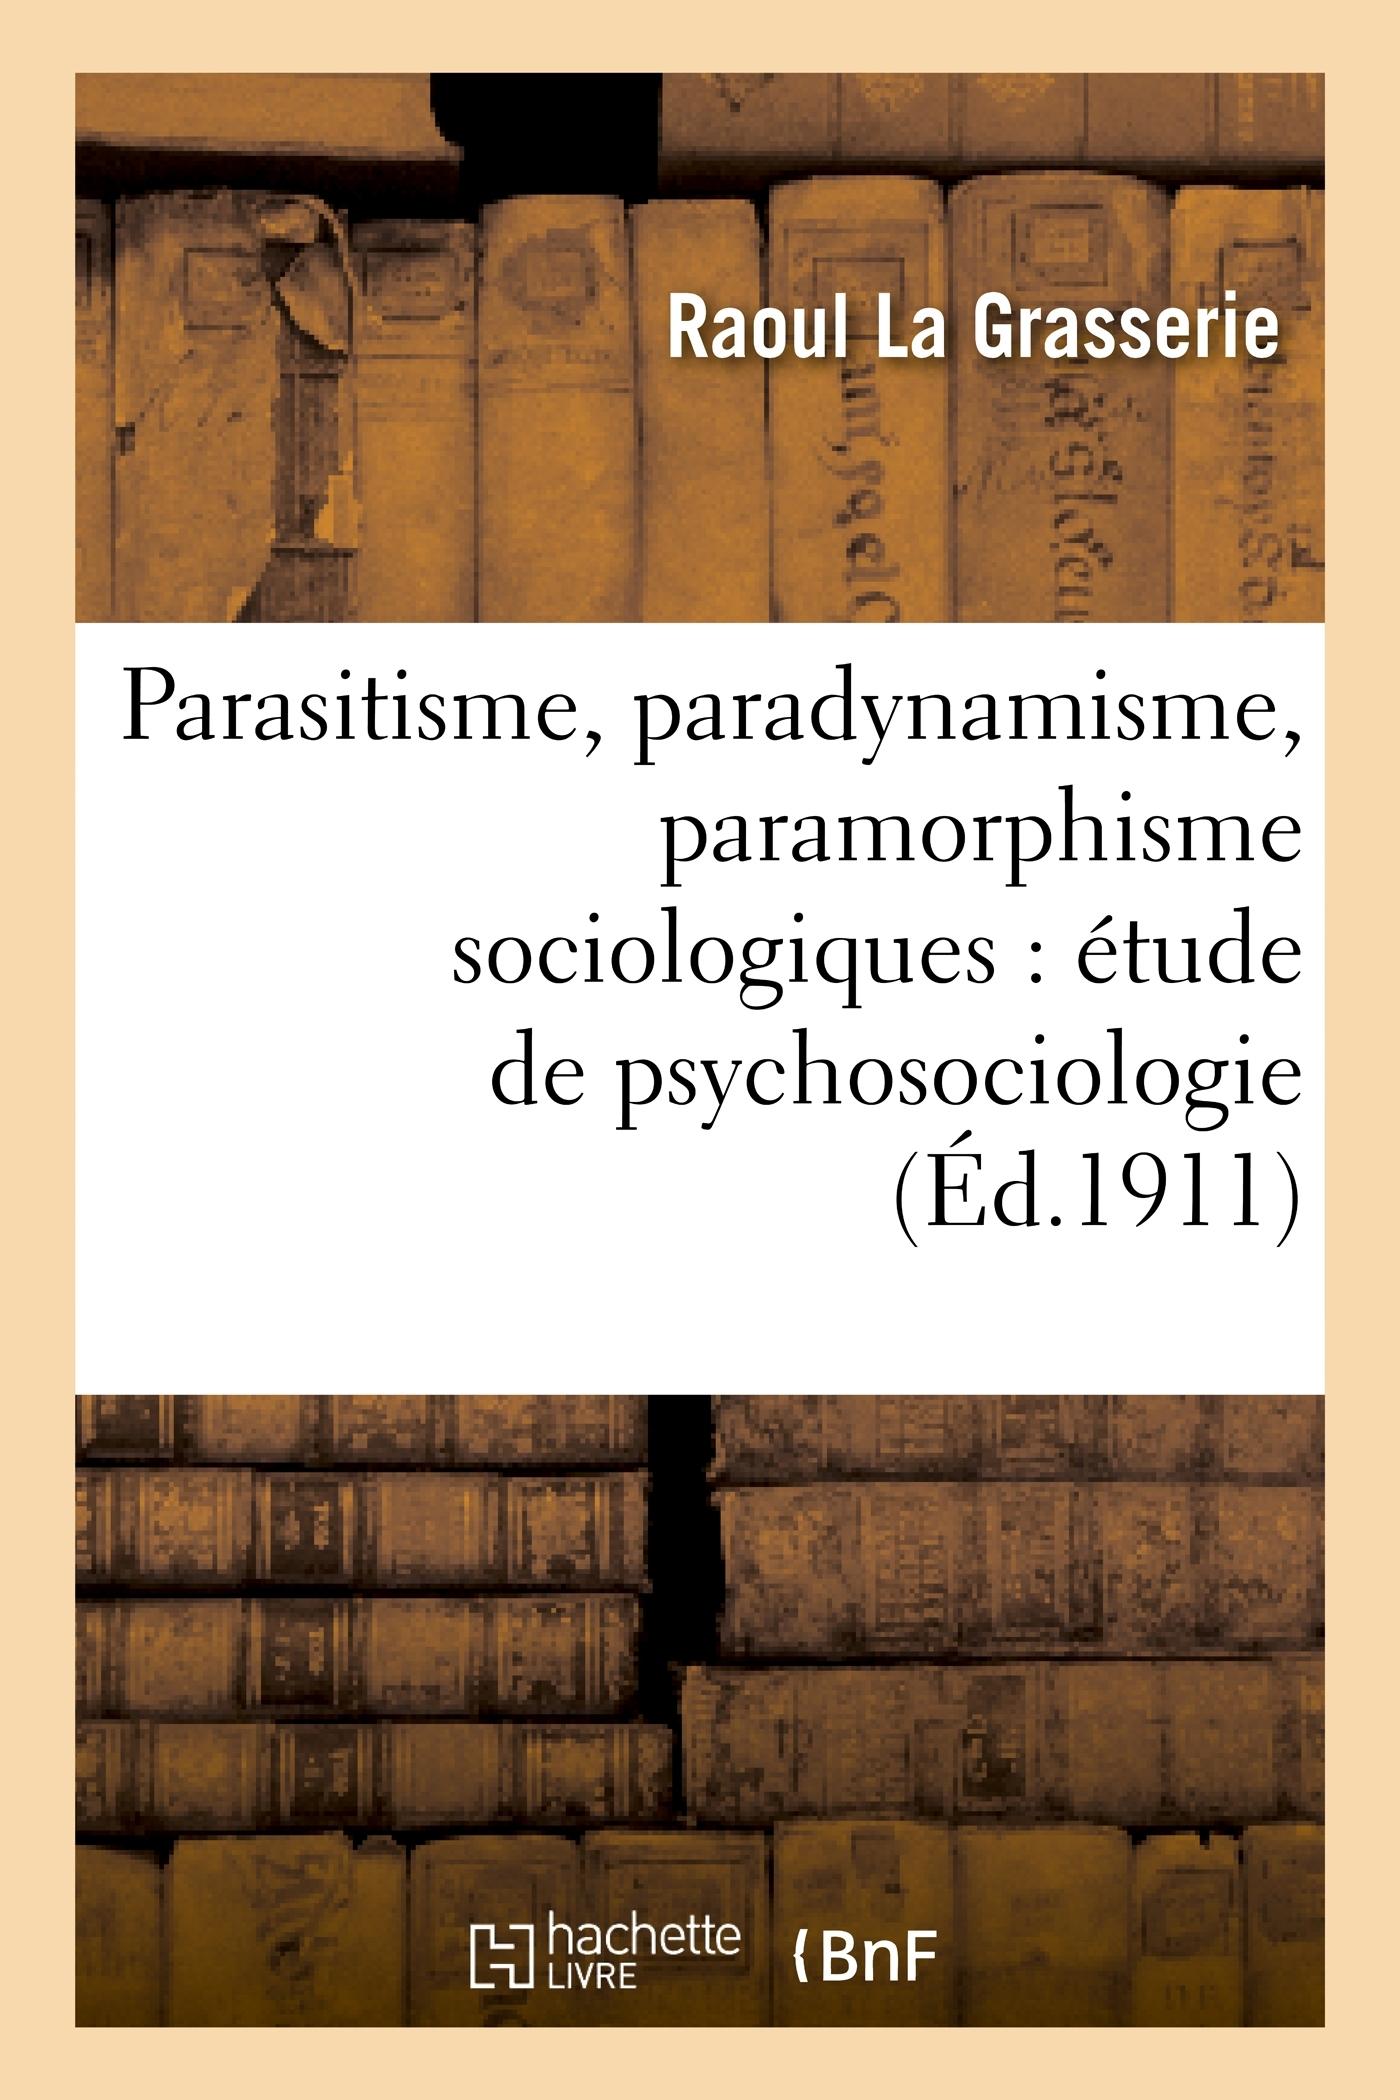 PARASITISME, PARADYNAMISME, PARAMORPHISME SOCIOLOGIQUES : ETUDE DE PSYCHOSOCIOLOGIE